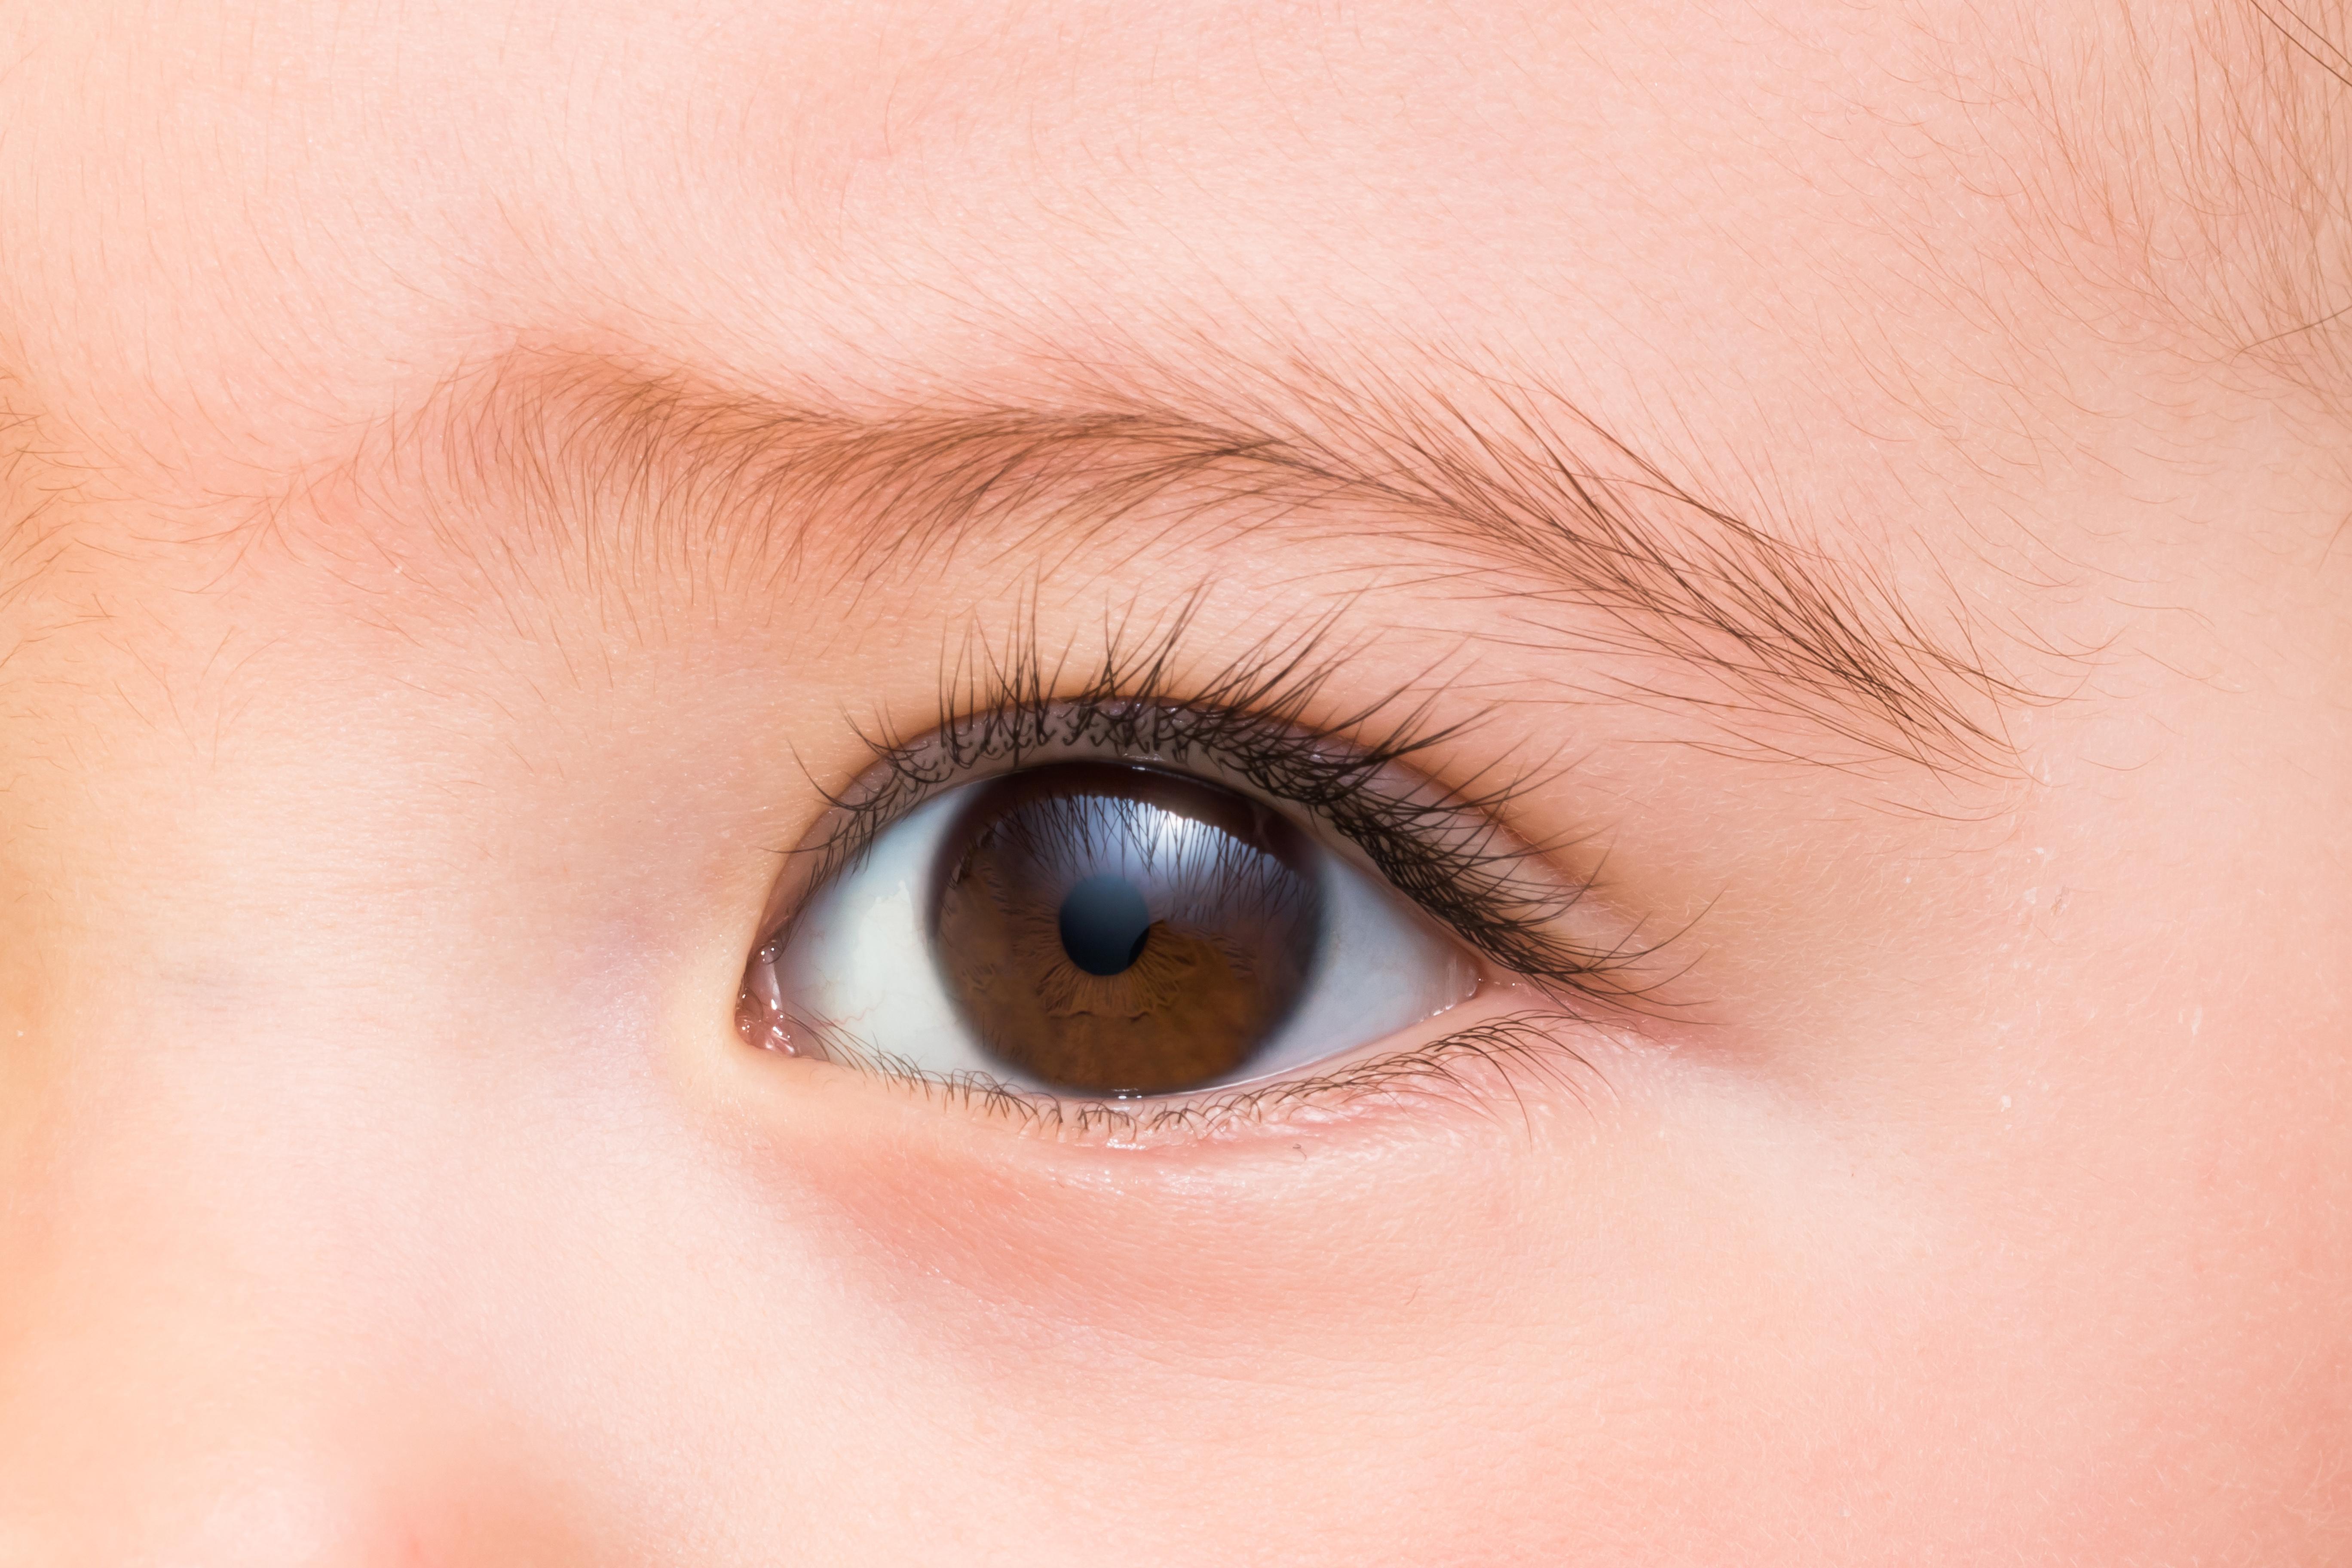 取り ない 意味 脂肪 瞼 上まぶたの脂肪溶解注射ですっきりした瞳に:高須クリニック